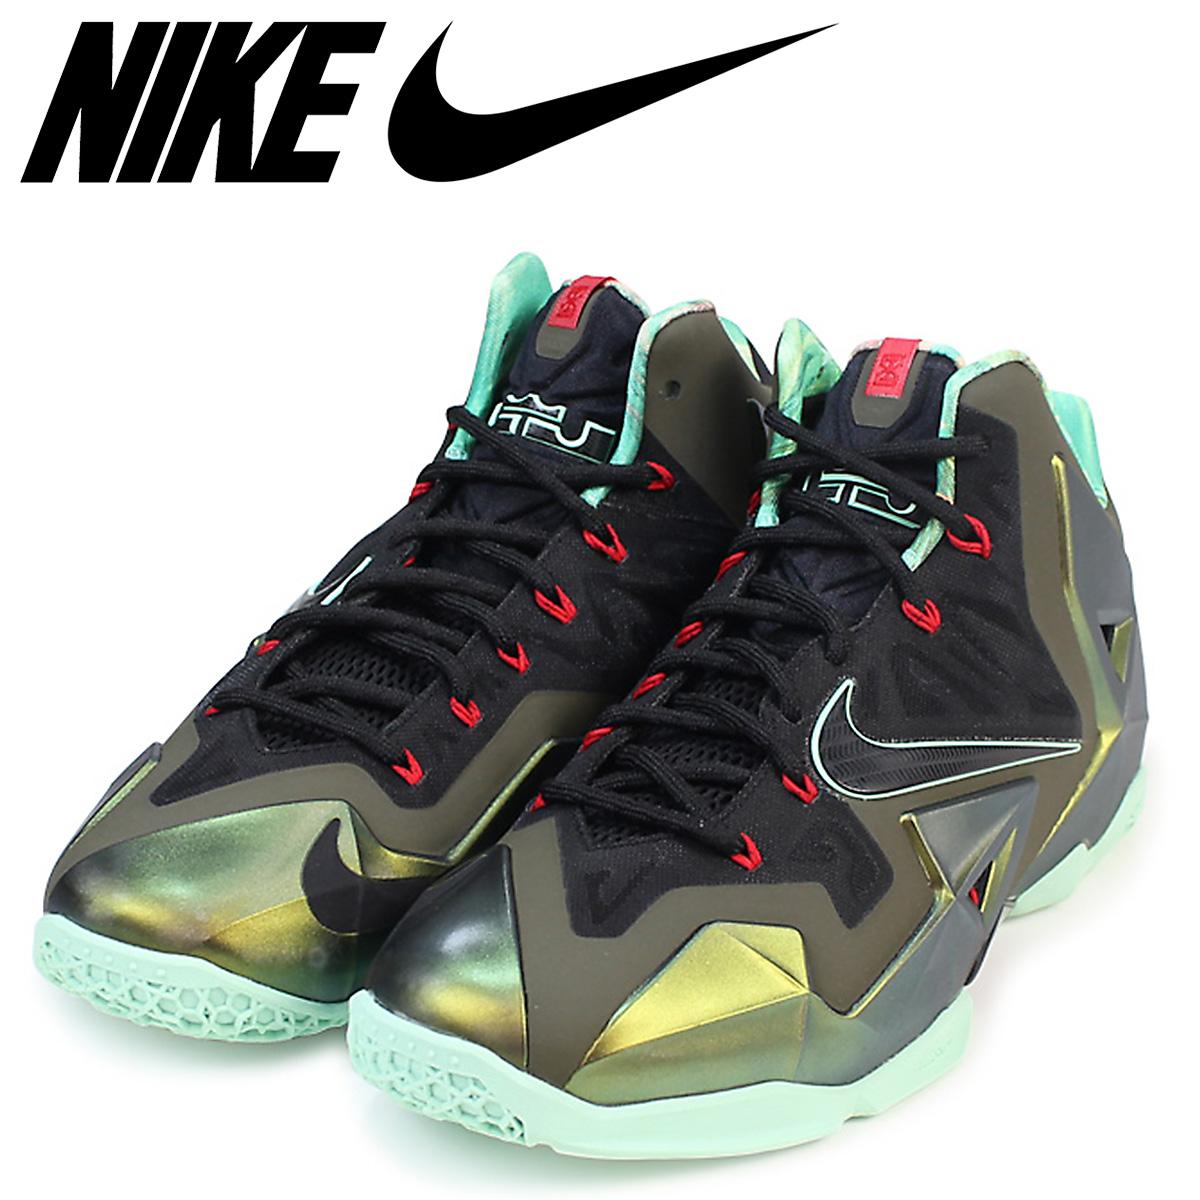 91e9d650789c ALLSPORTS  NIKE Nike Revlon 11 sneakers LEBRON 11 KINGS PRIDE men  616